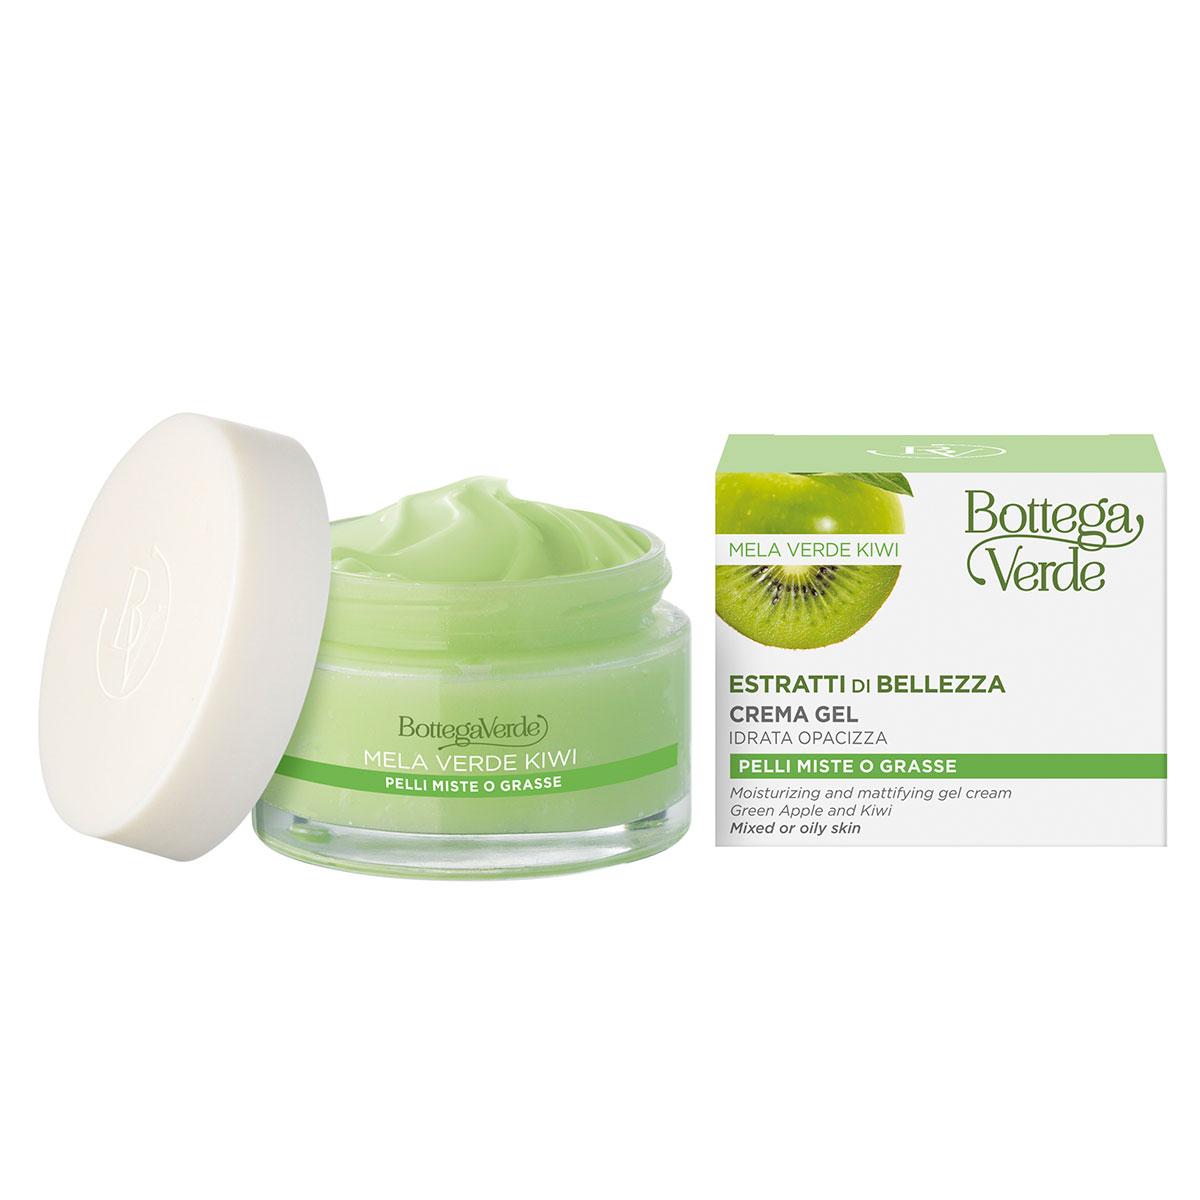 Crema - gel hidratanta cu mar verde si kiwi - Estratti di Bellezza, 50 ML